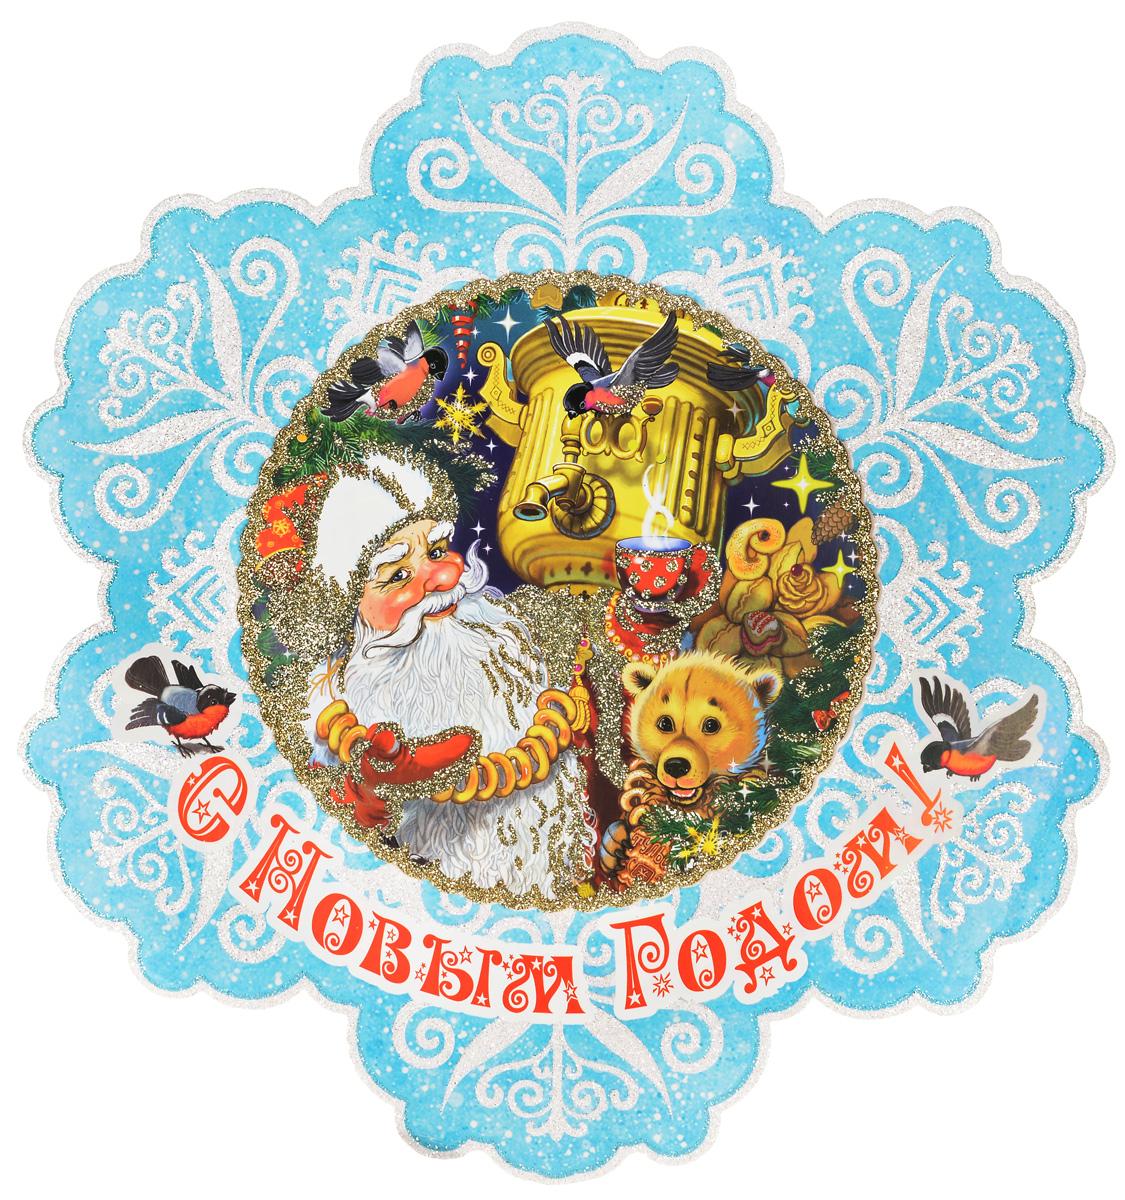 Украшение новогоднее оконное Magic Time Дед мороз с самоваром, двустороннее, 30 х 32 см75153Двухстороннее новогоднее украшение Magic Time Дед мороз с самоваром, выполнено из картона в виде панно и декорировано блестками. Изделие предназначено для праздничного оформления стен, окон и дверей. С помощью такого украшения можно составлять на мебели целые зимние сюжеты, которые будут радовать глаз и поднимать настроение в праздничные дни! Также вы можете преподнести этот сувенир в качестве мини-презента коллегам, близким и друзьям с пожеланиями счастливого Нового Года!В комплект входят клеевые подушечки.Плотность картона: 300 г/м2.